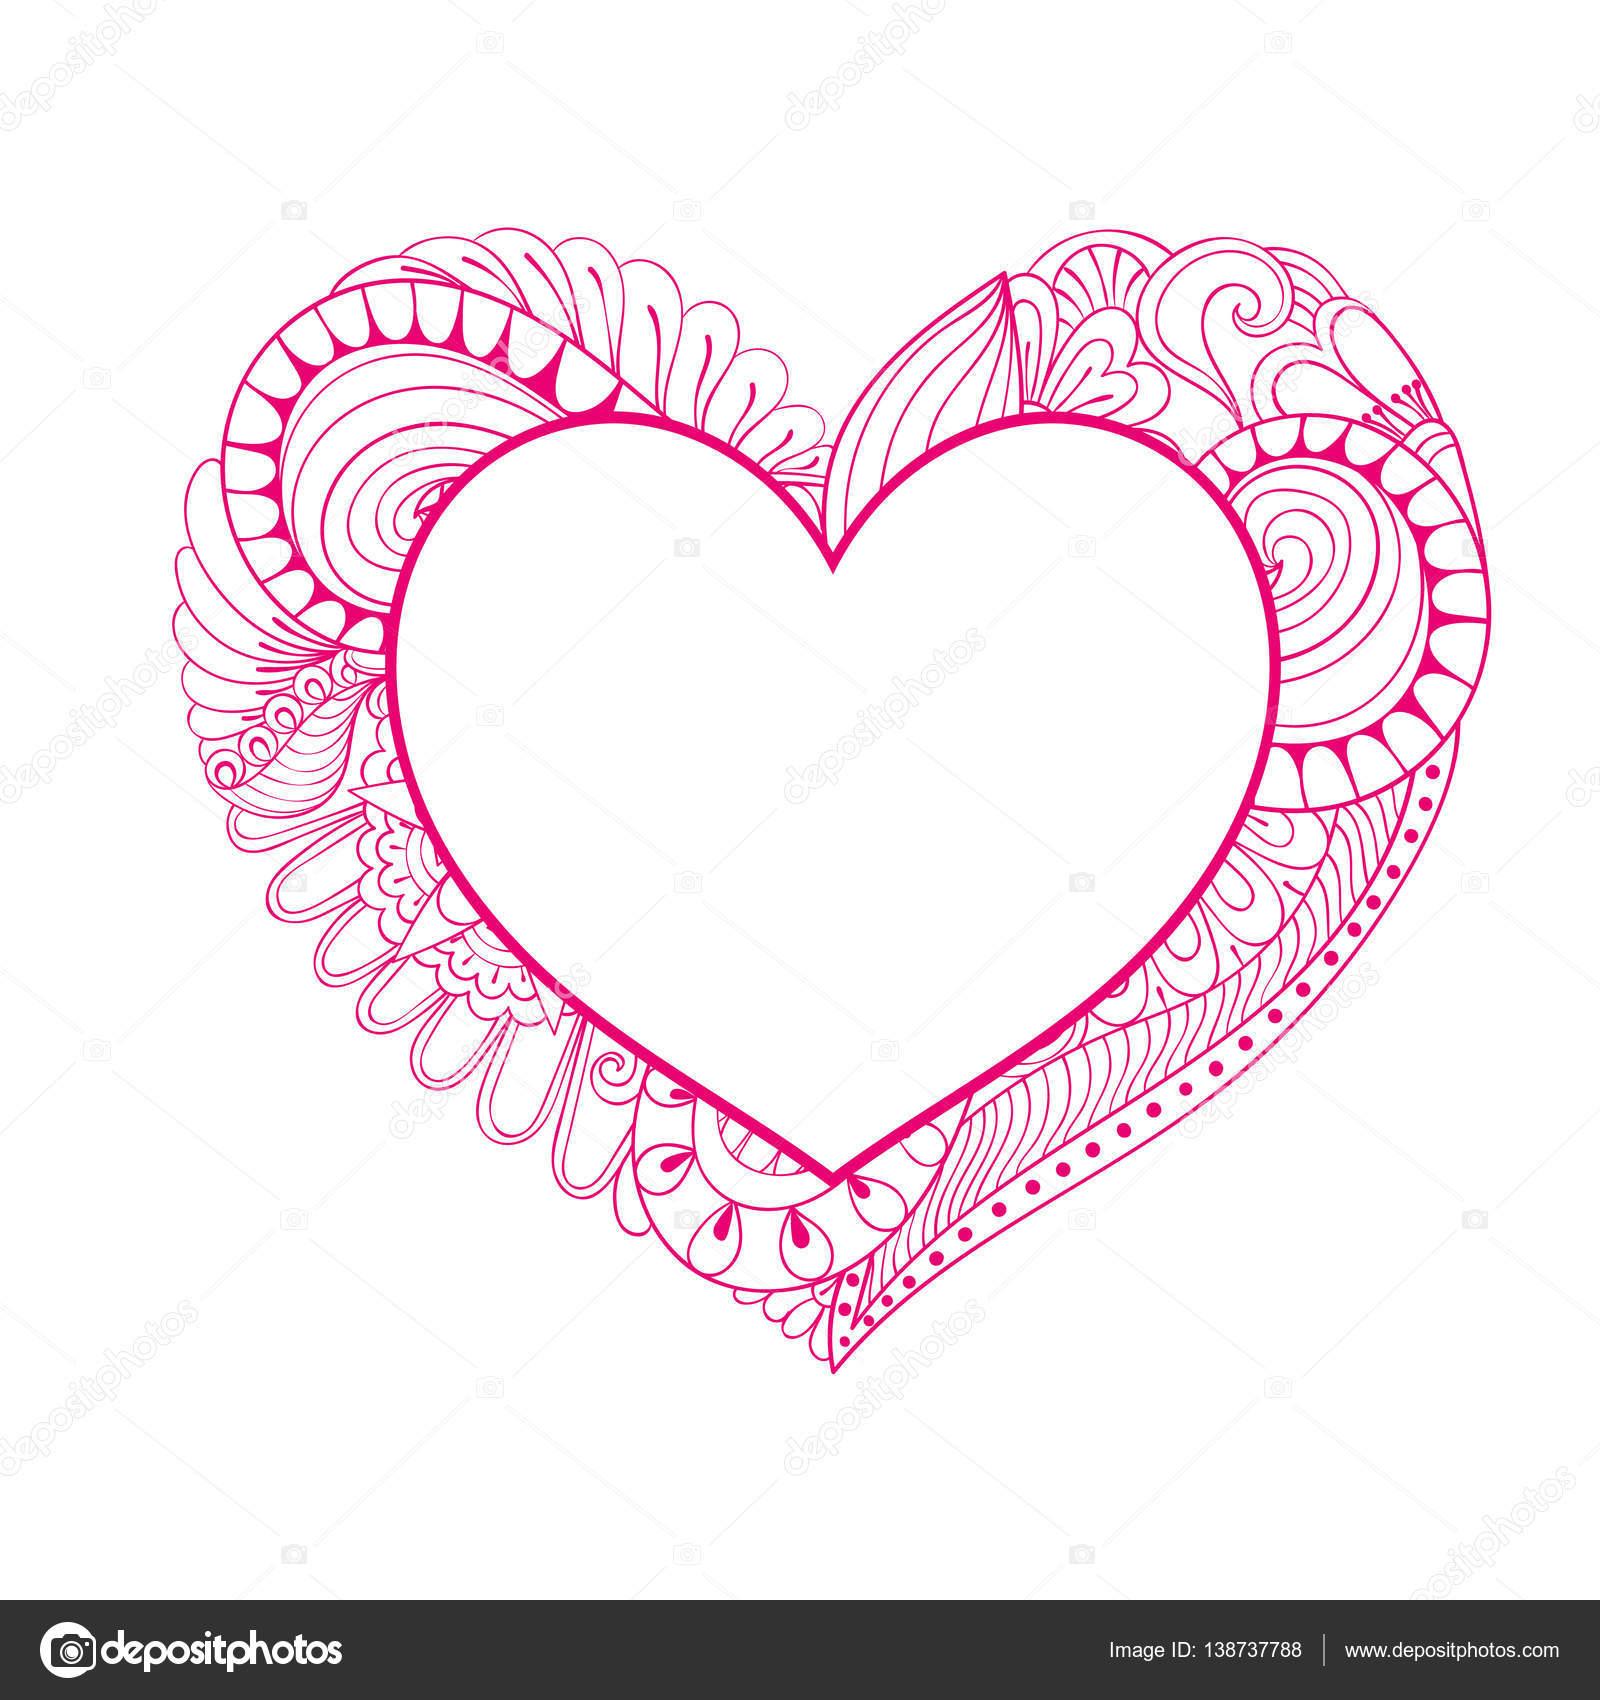 Marco de corazón Rosa floral doodle estilo zentangle para adultos ...